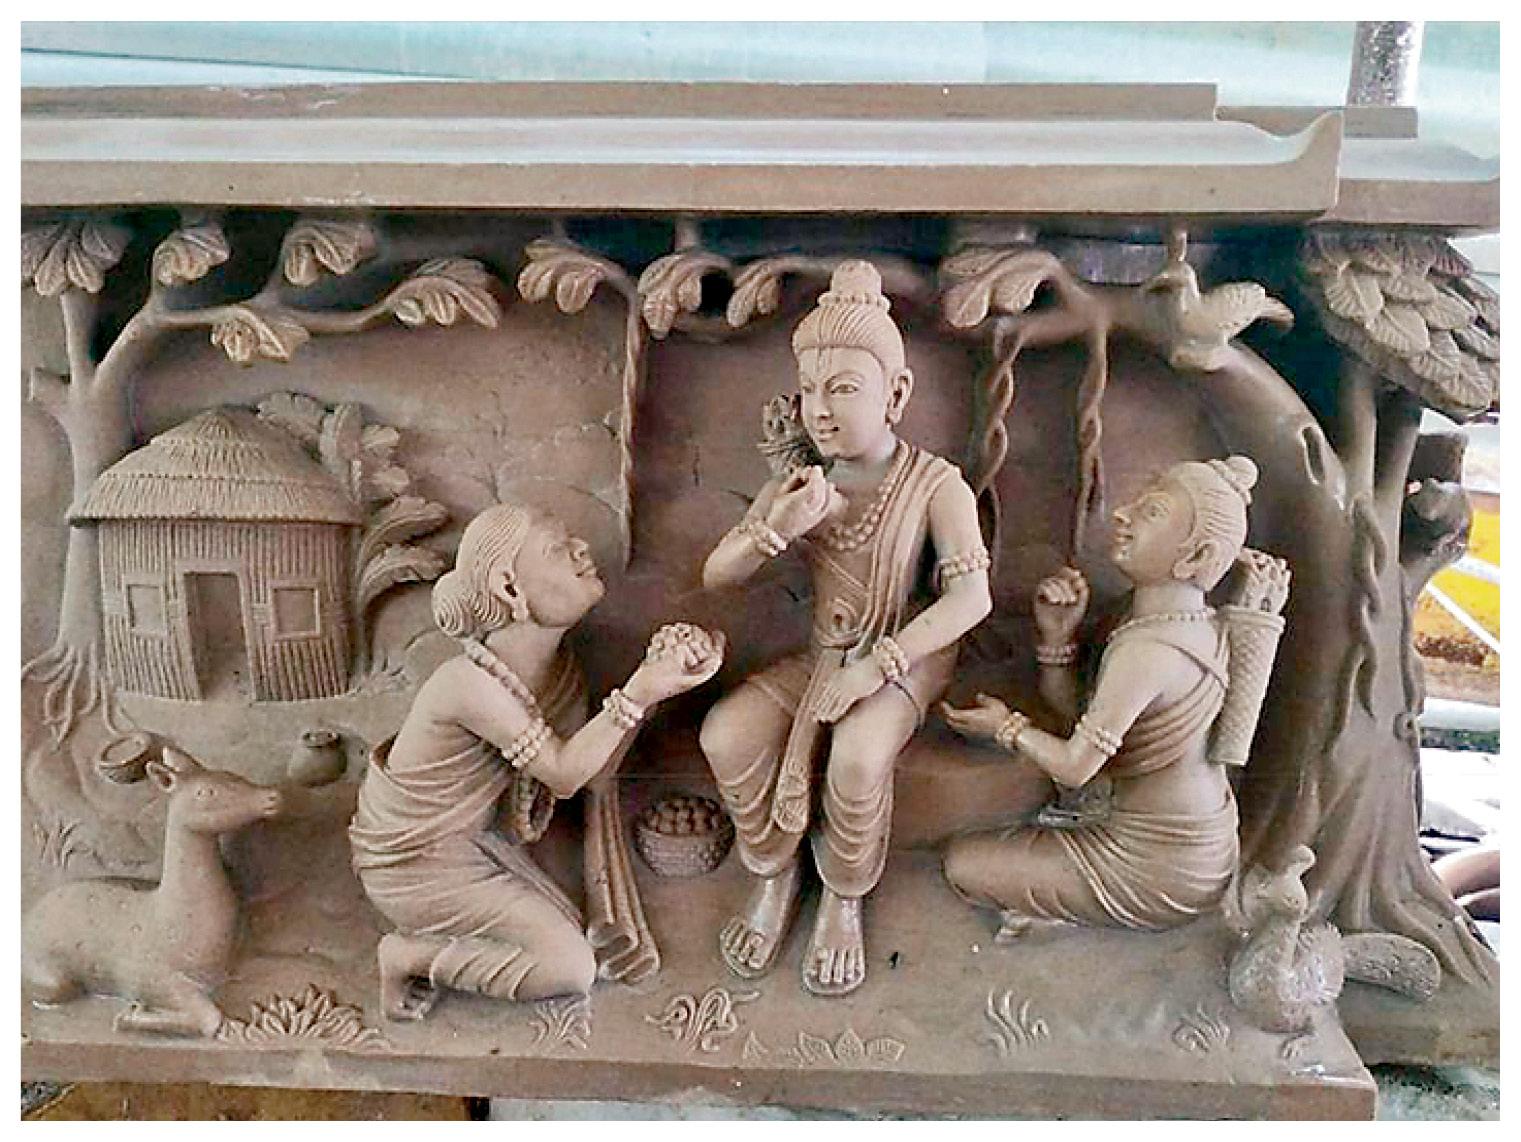 हाथ से तराशी जाने वाली मूर्तियां भारत की संस्कृति और इतिहास को दर्शाती हैं। इनमें अरबी प्रतीकों को भी शामिल किया गया है।